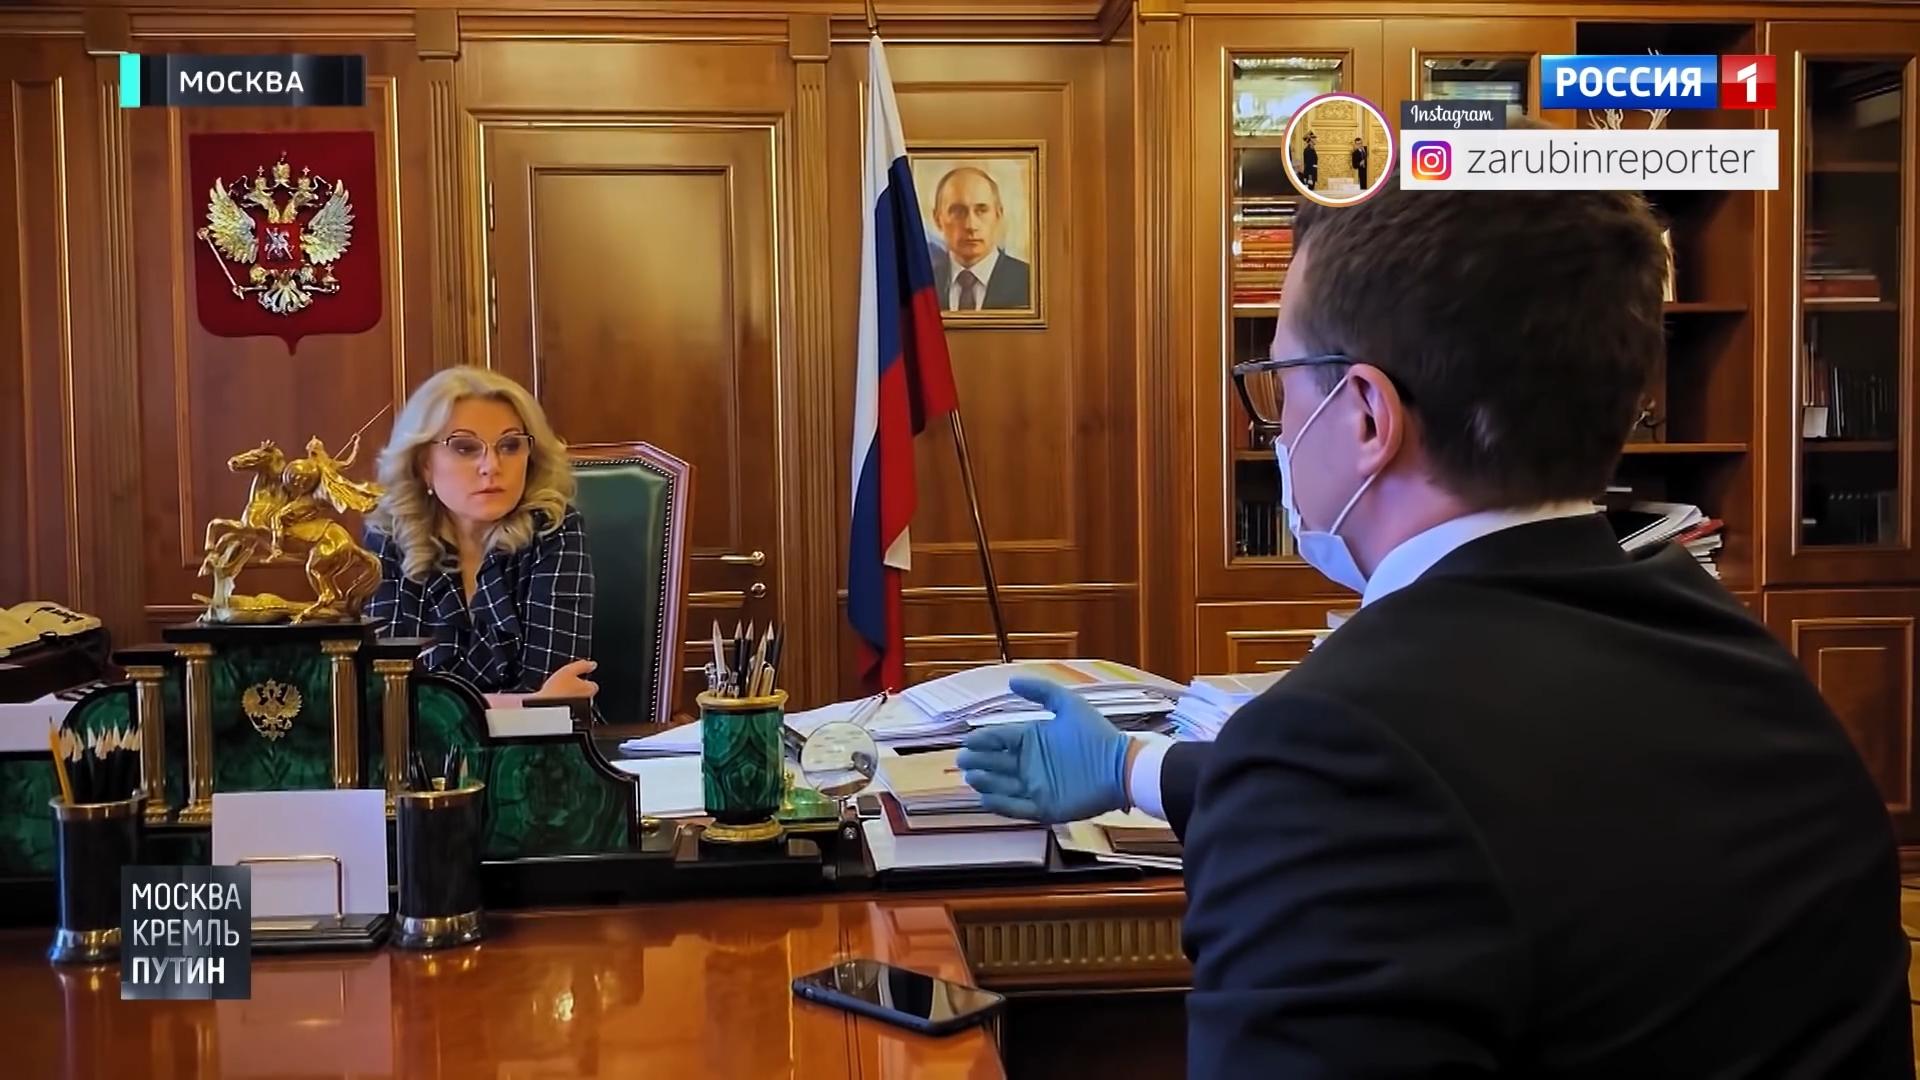 20200412-Когда нас выпустят из квартир- Эксклюзивное интервью про коронавирус __ Москва. Кремль. Путин-pic2